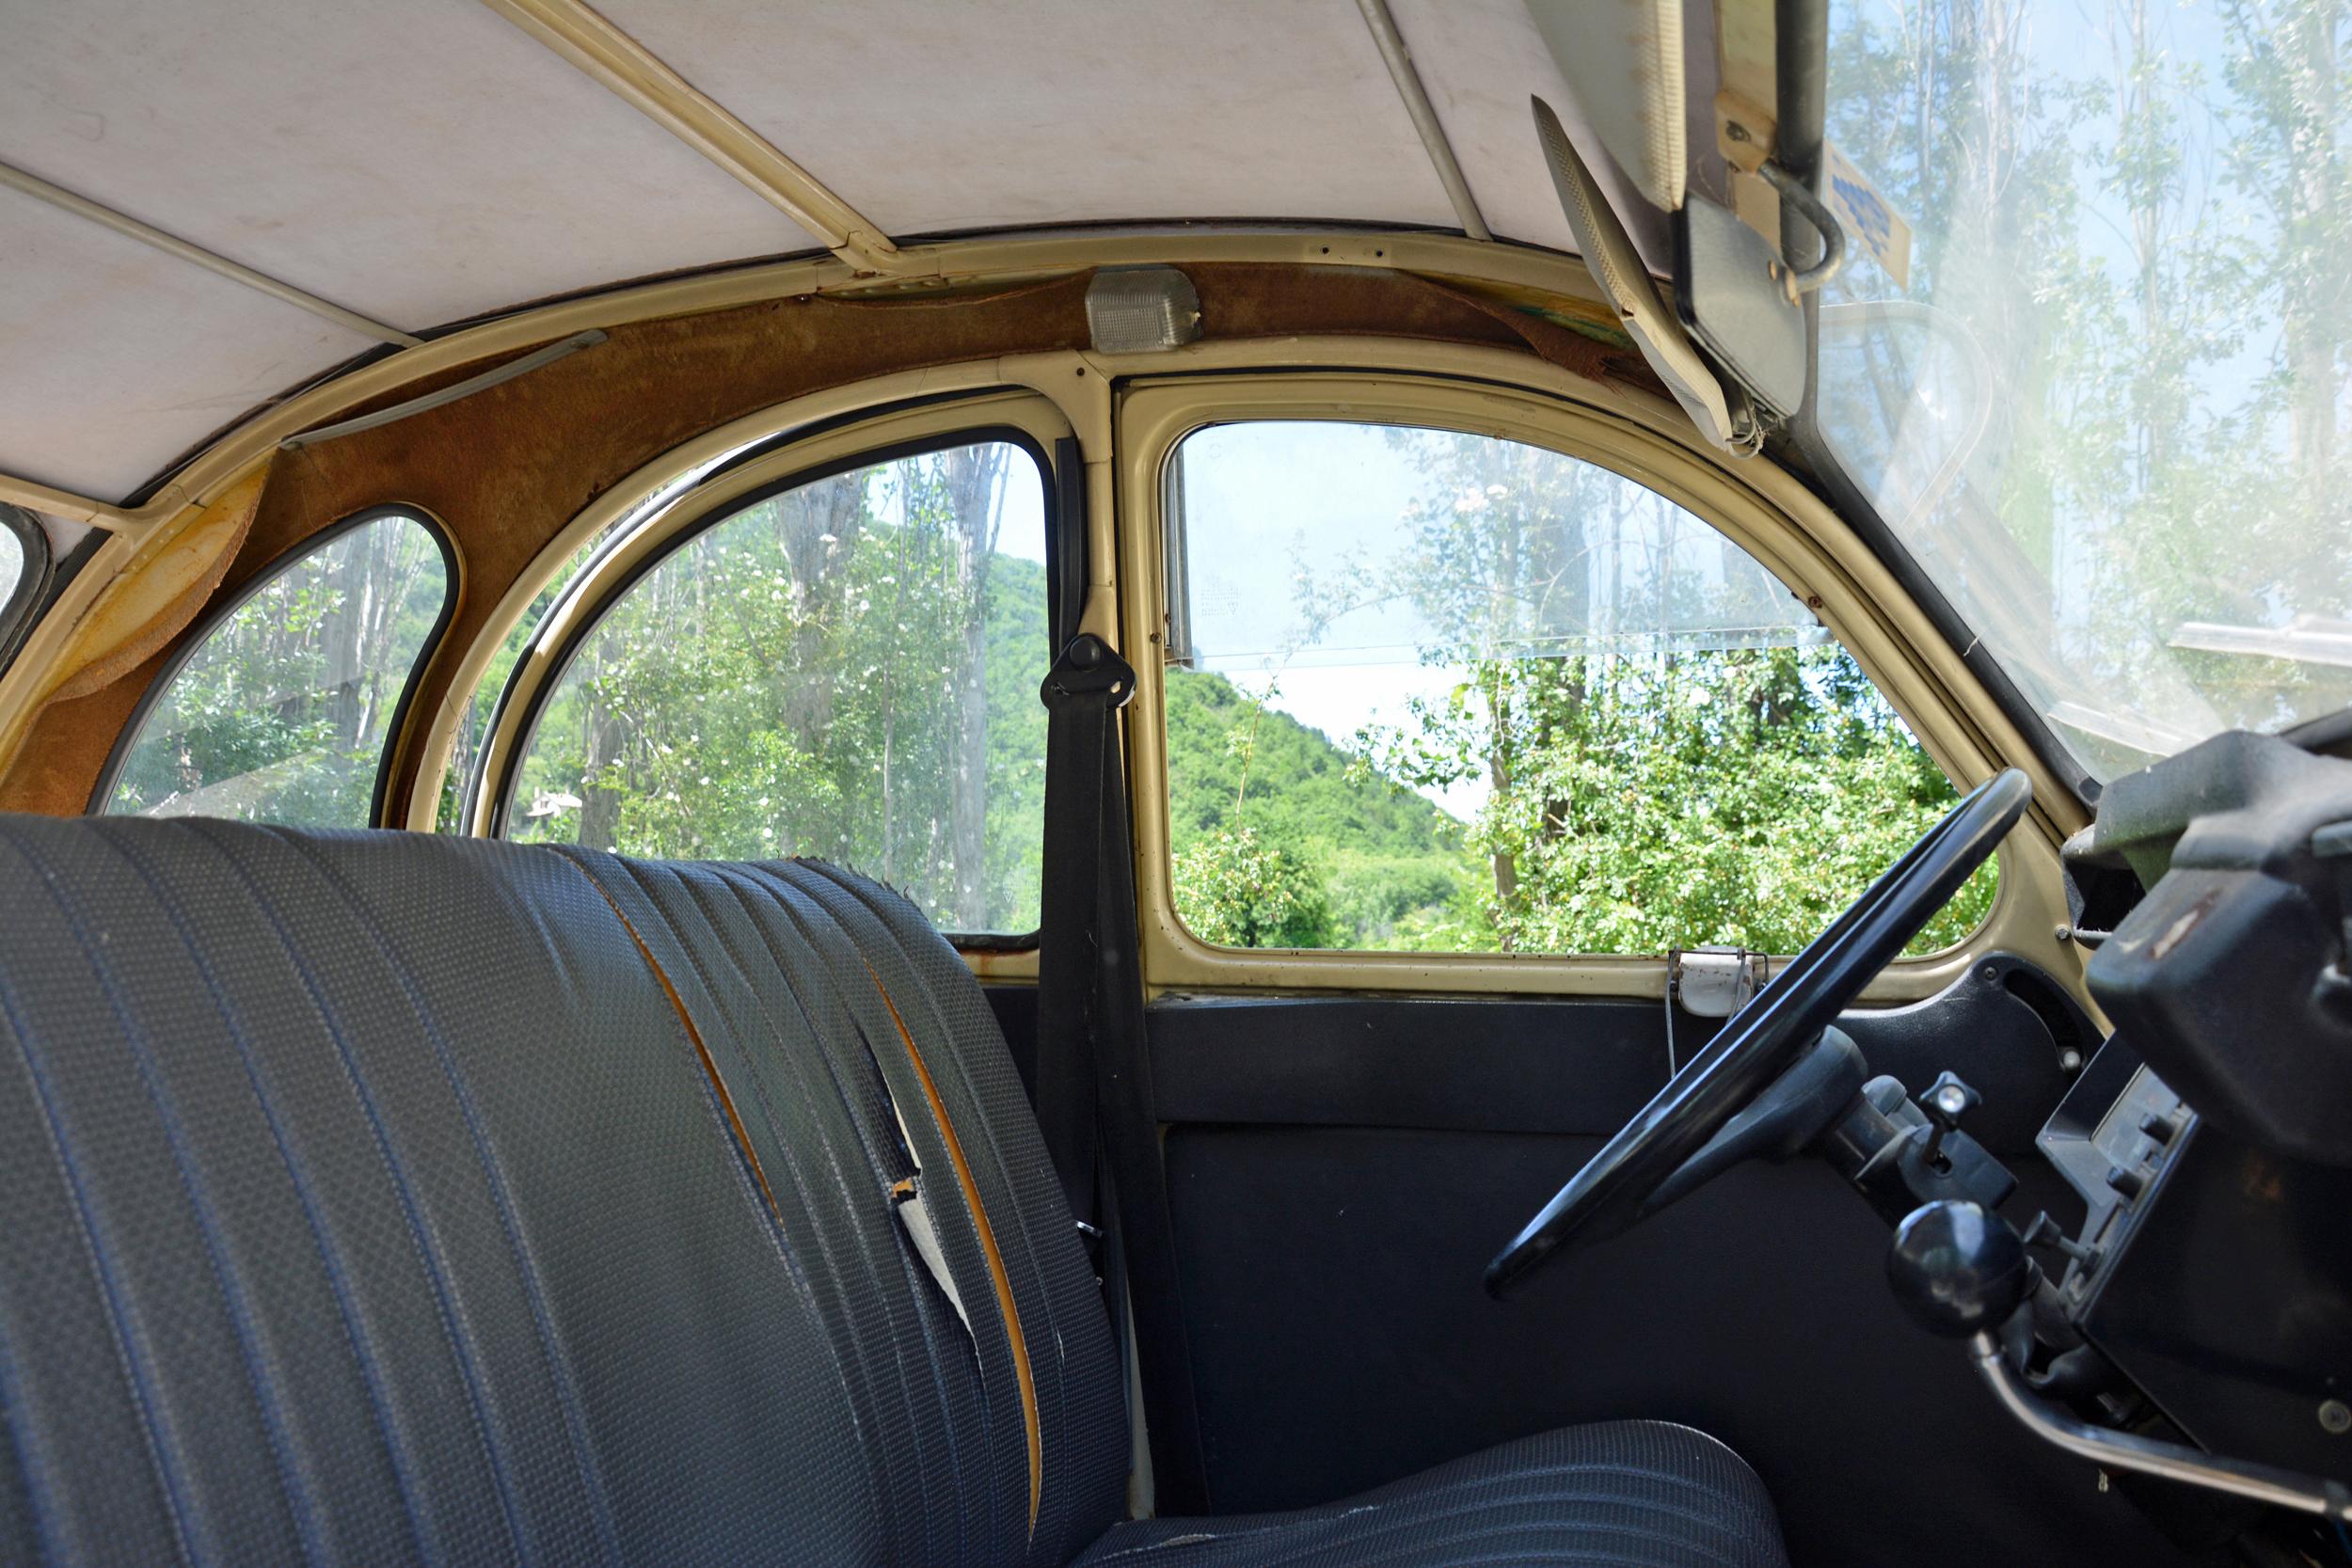 1978 Citroen 2cv interior